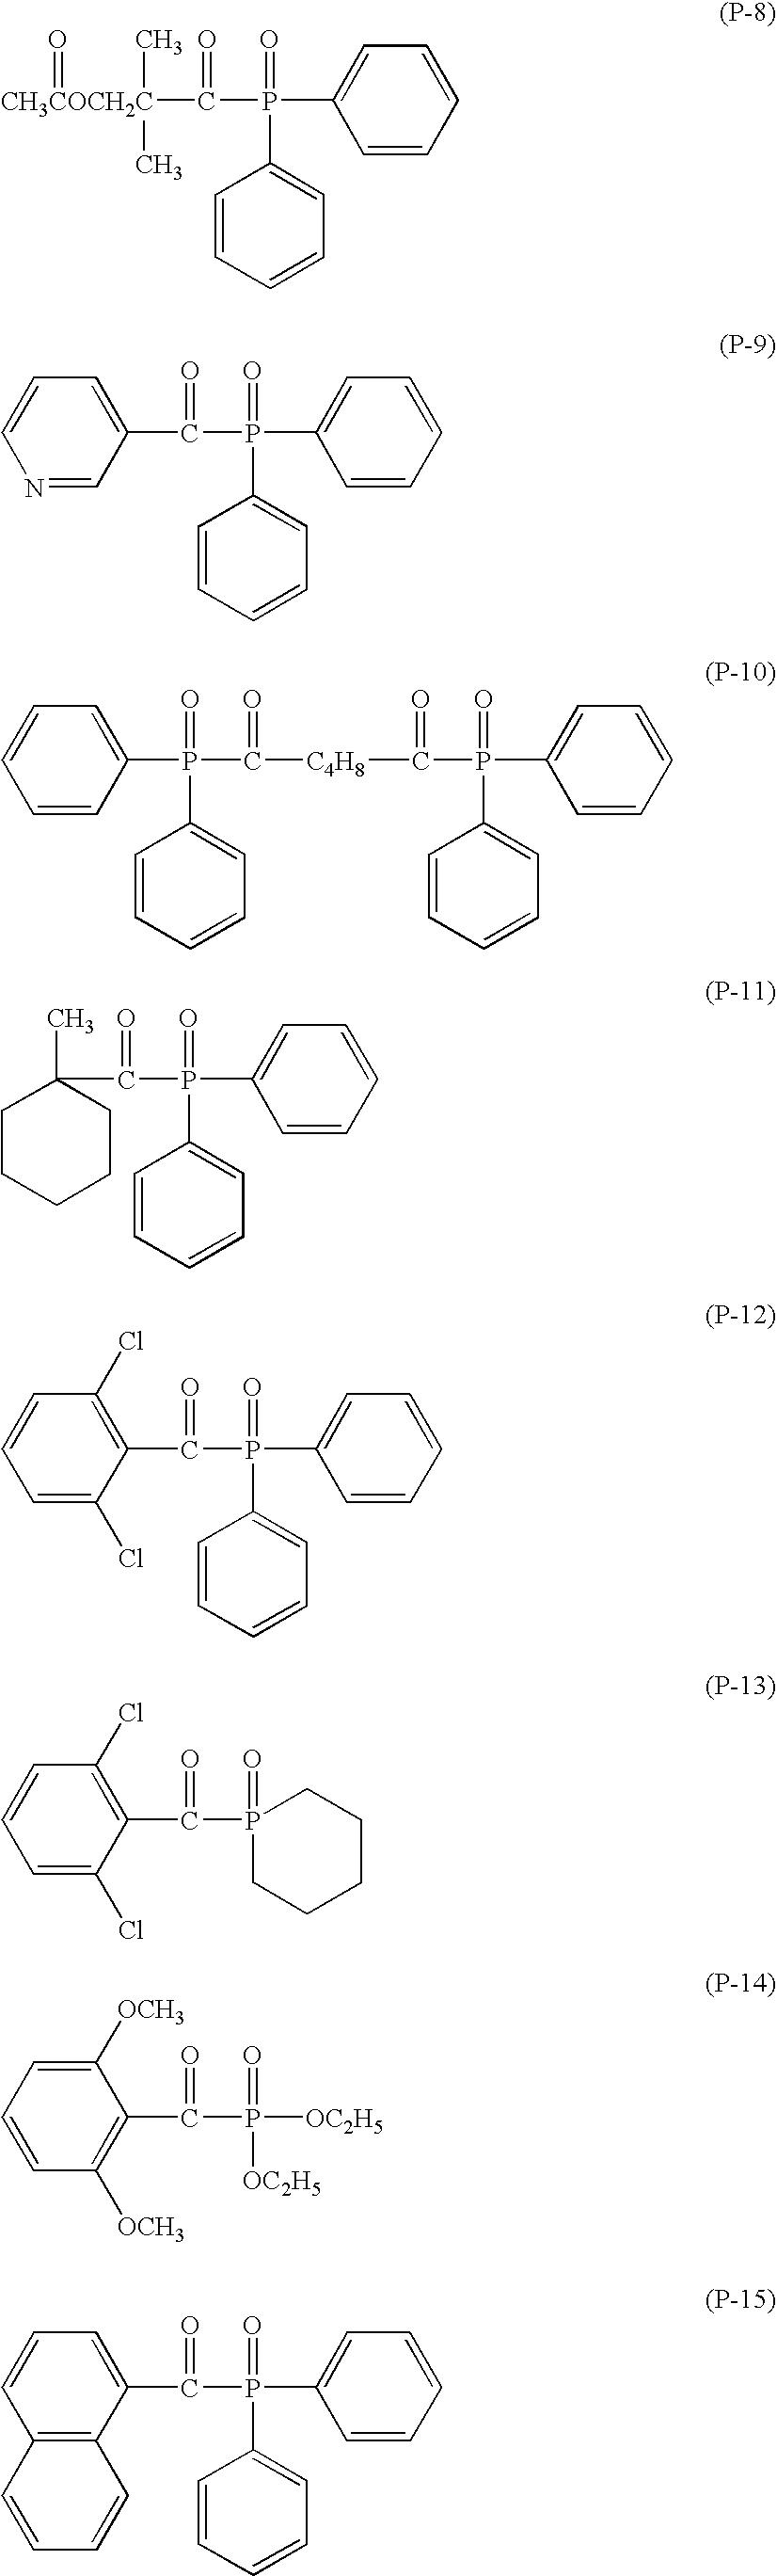 Figure US20080180503A1-20080731-C00022